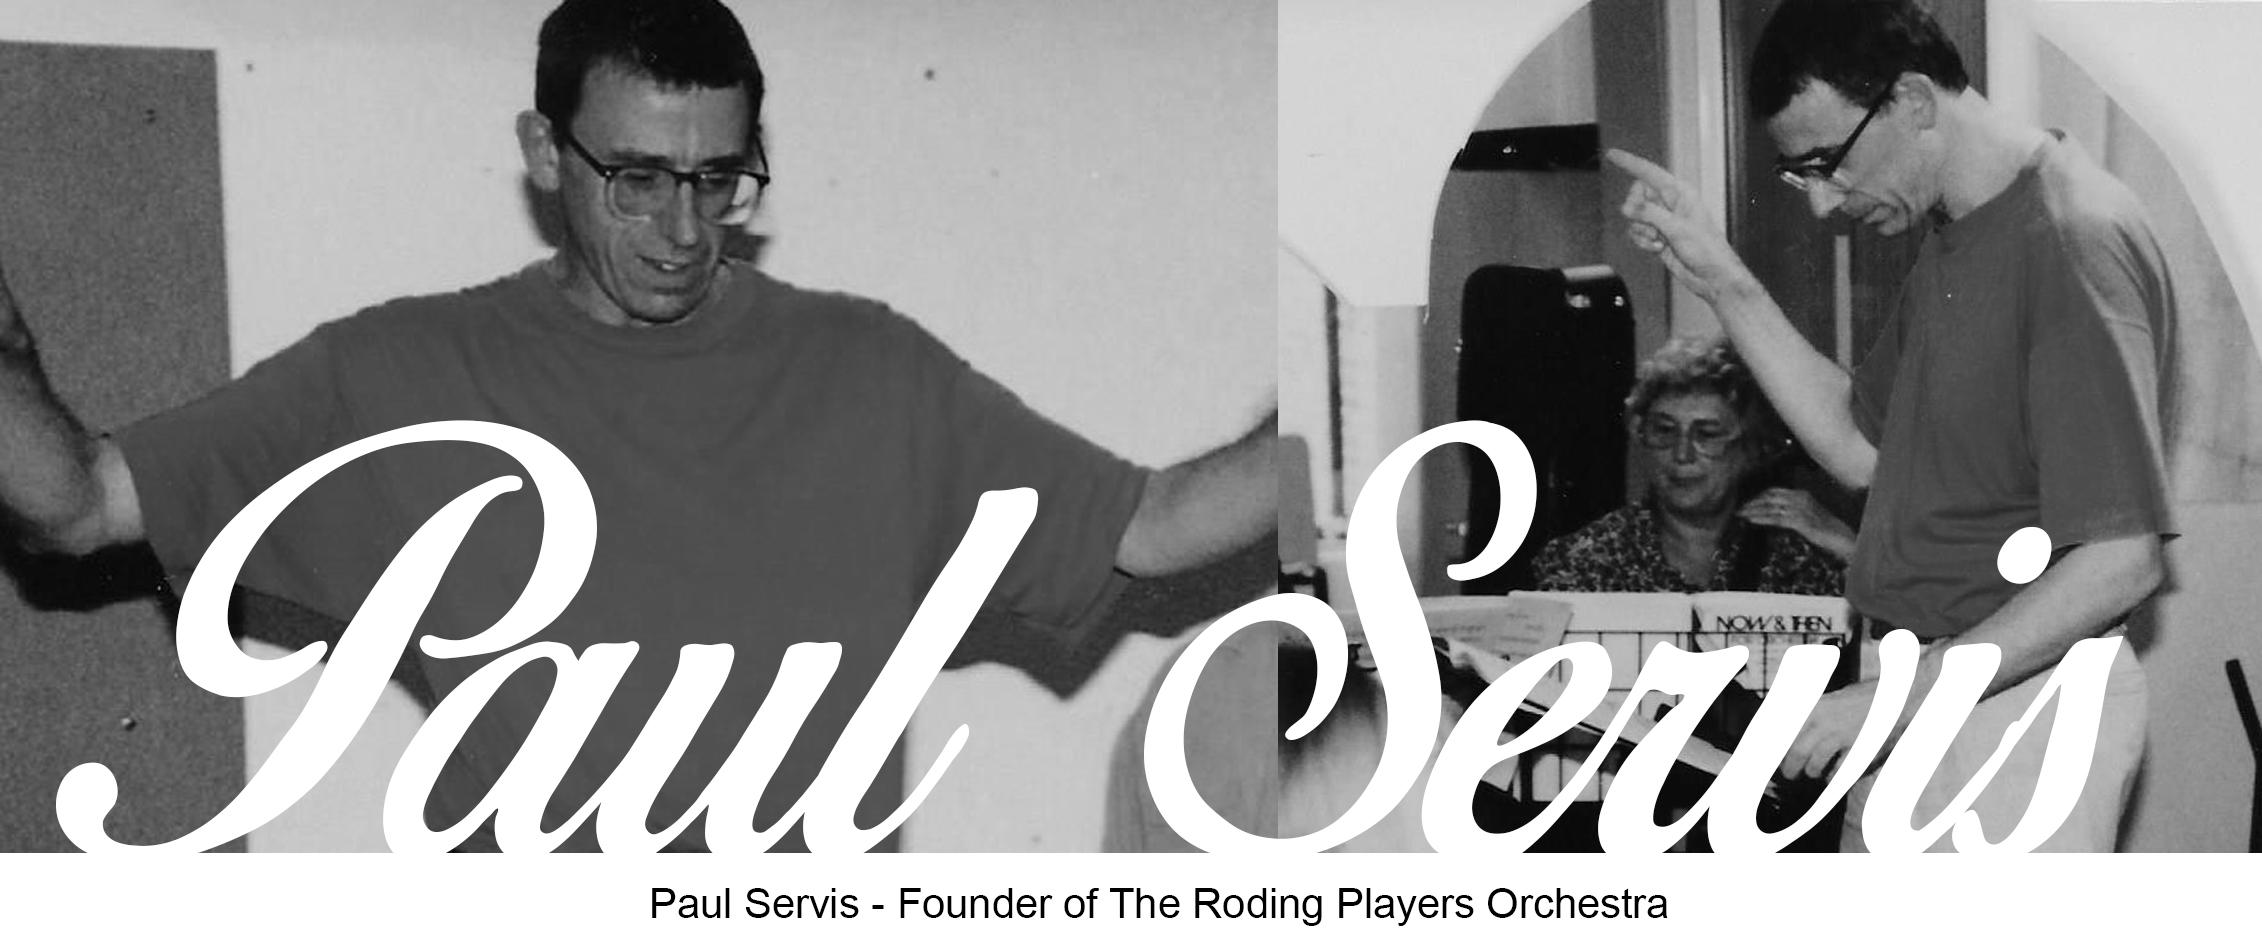 Paul-Servis-banner-image.jpg